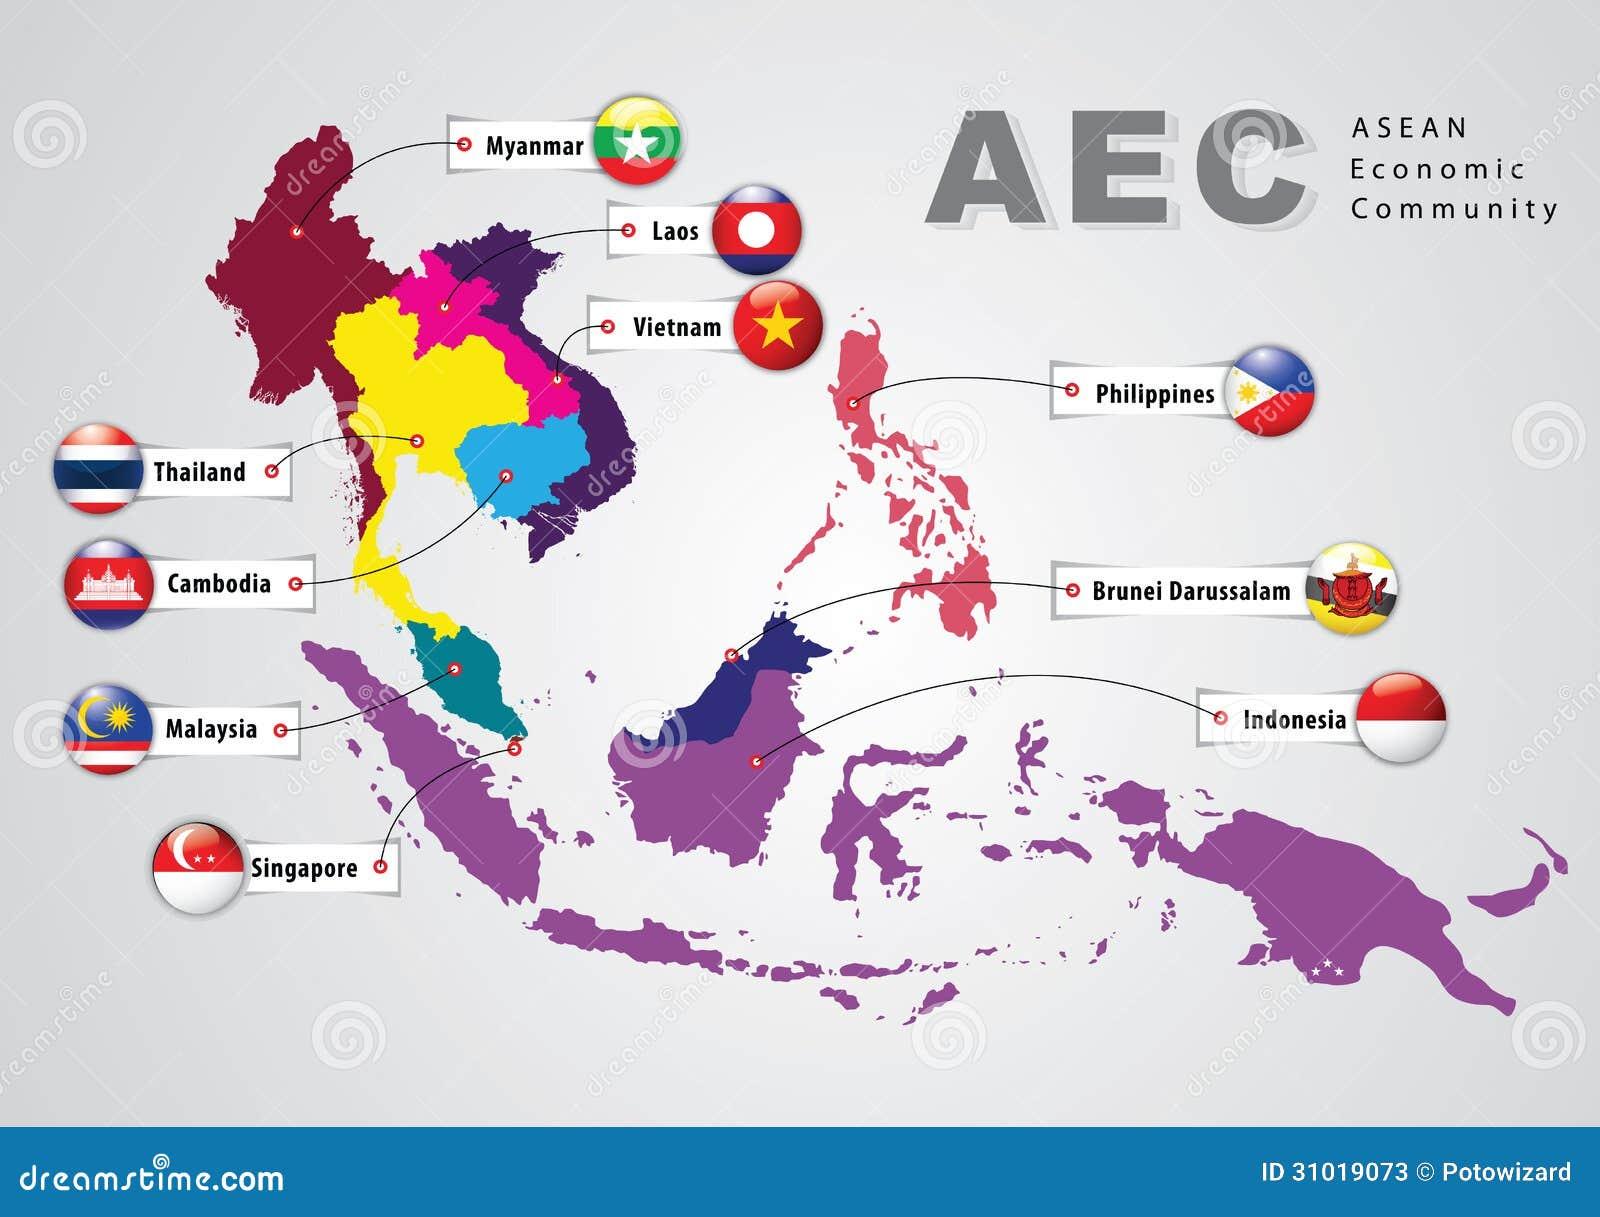 东南亚国家_东南亚国家联盟经济共同体, aec